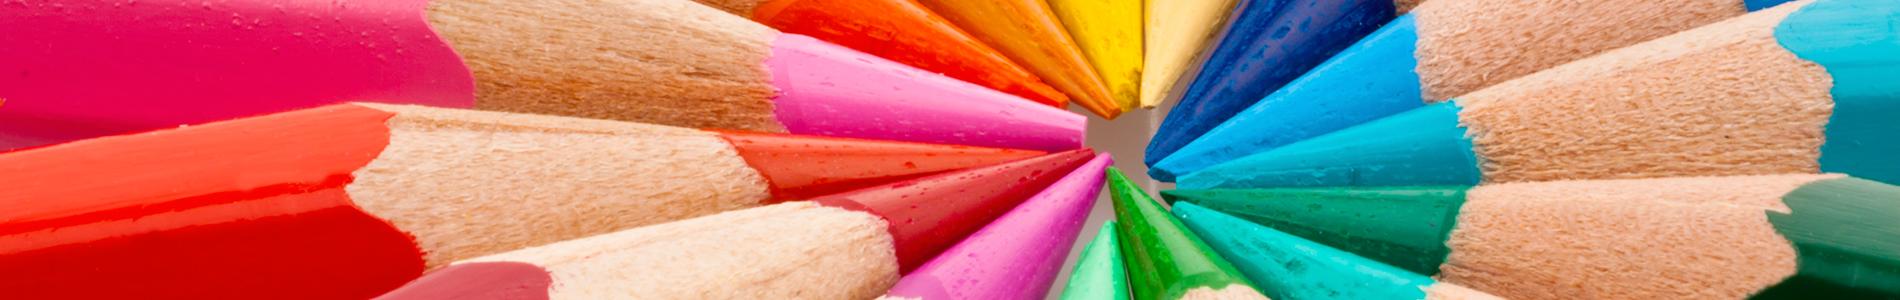 Color_pen_1900